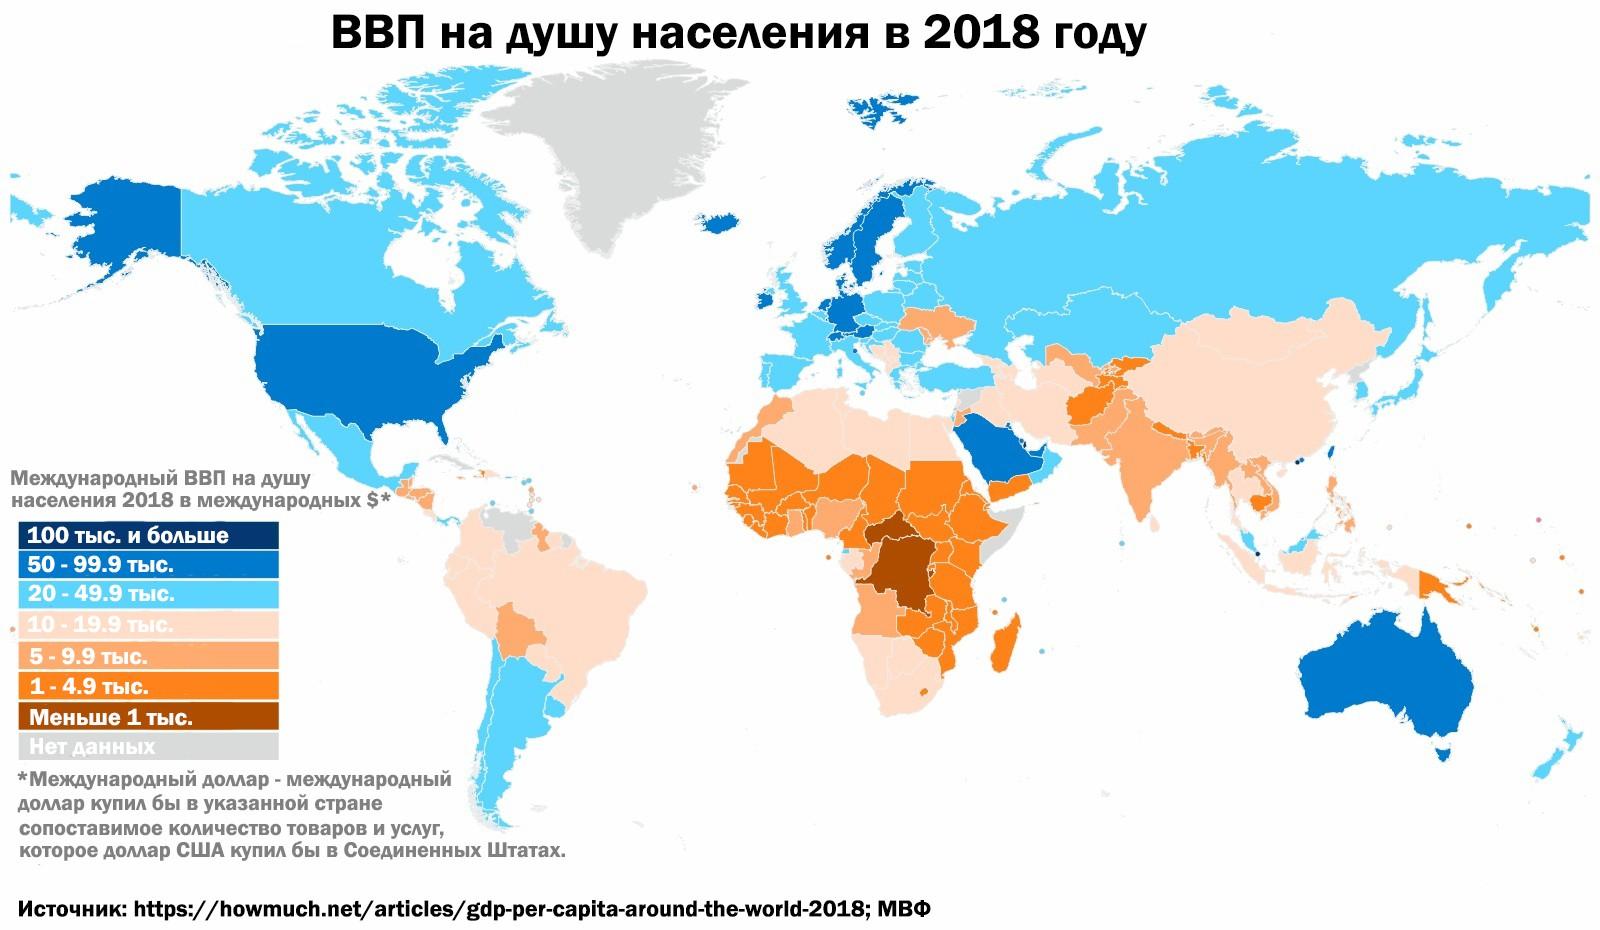 Почему странам с низкой производительностью тоже находится место в мировом разделении труда?